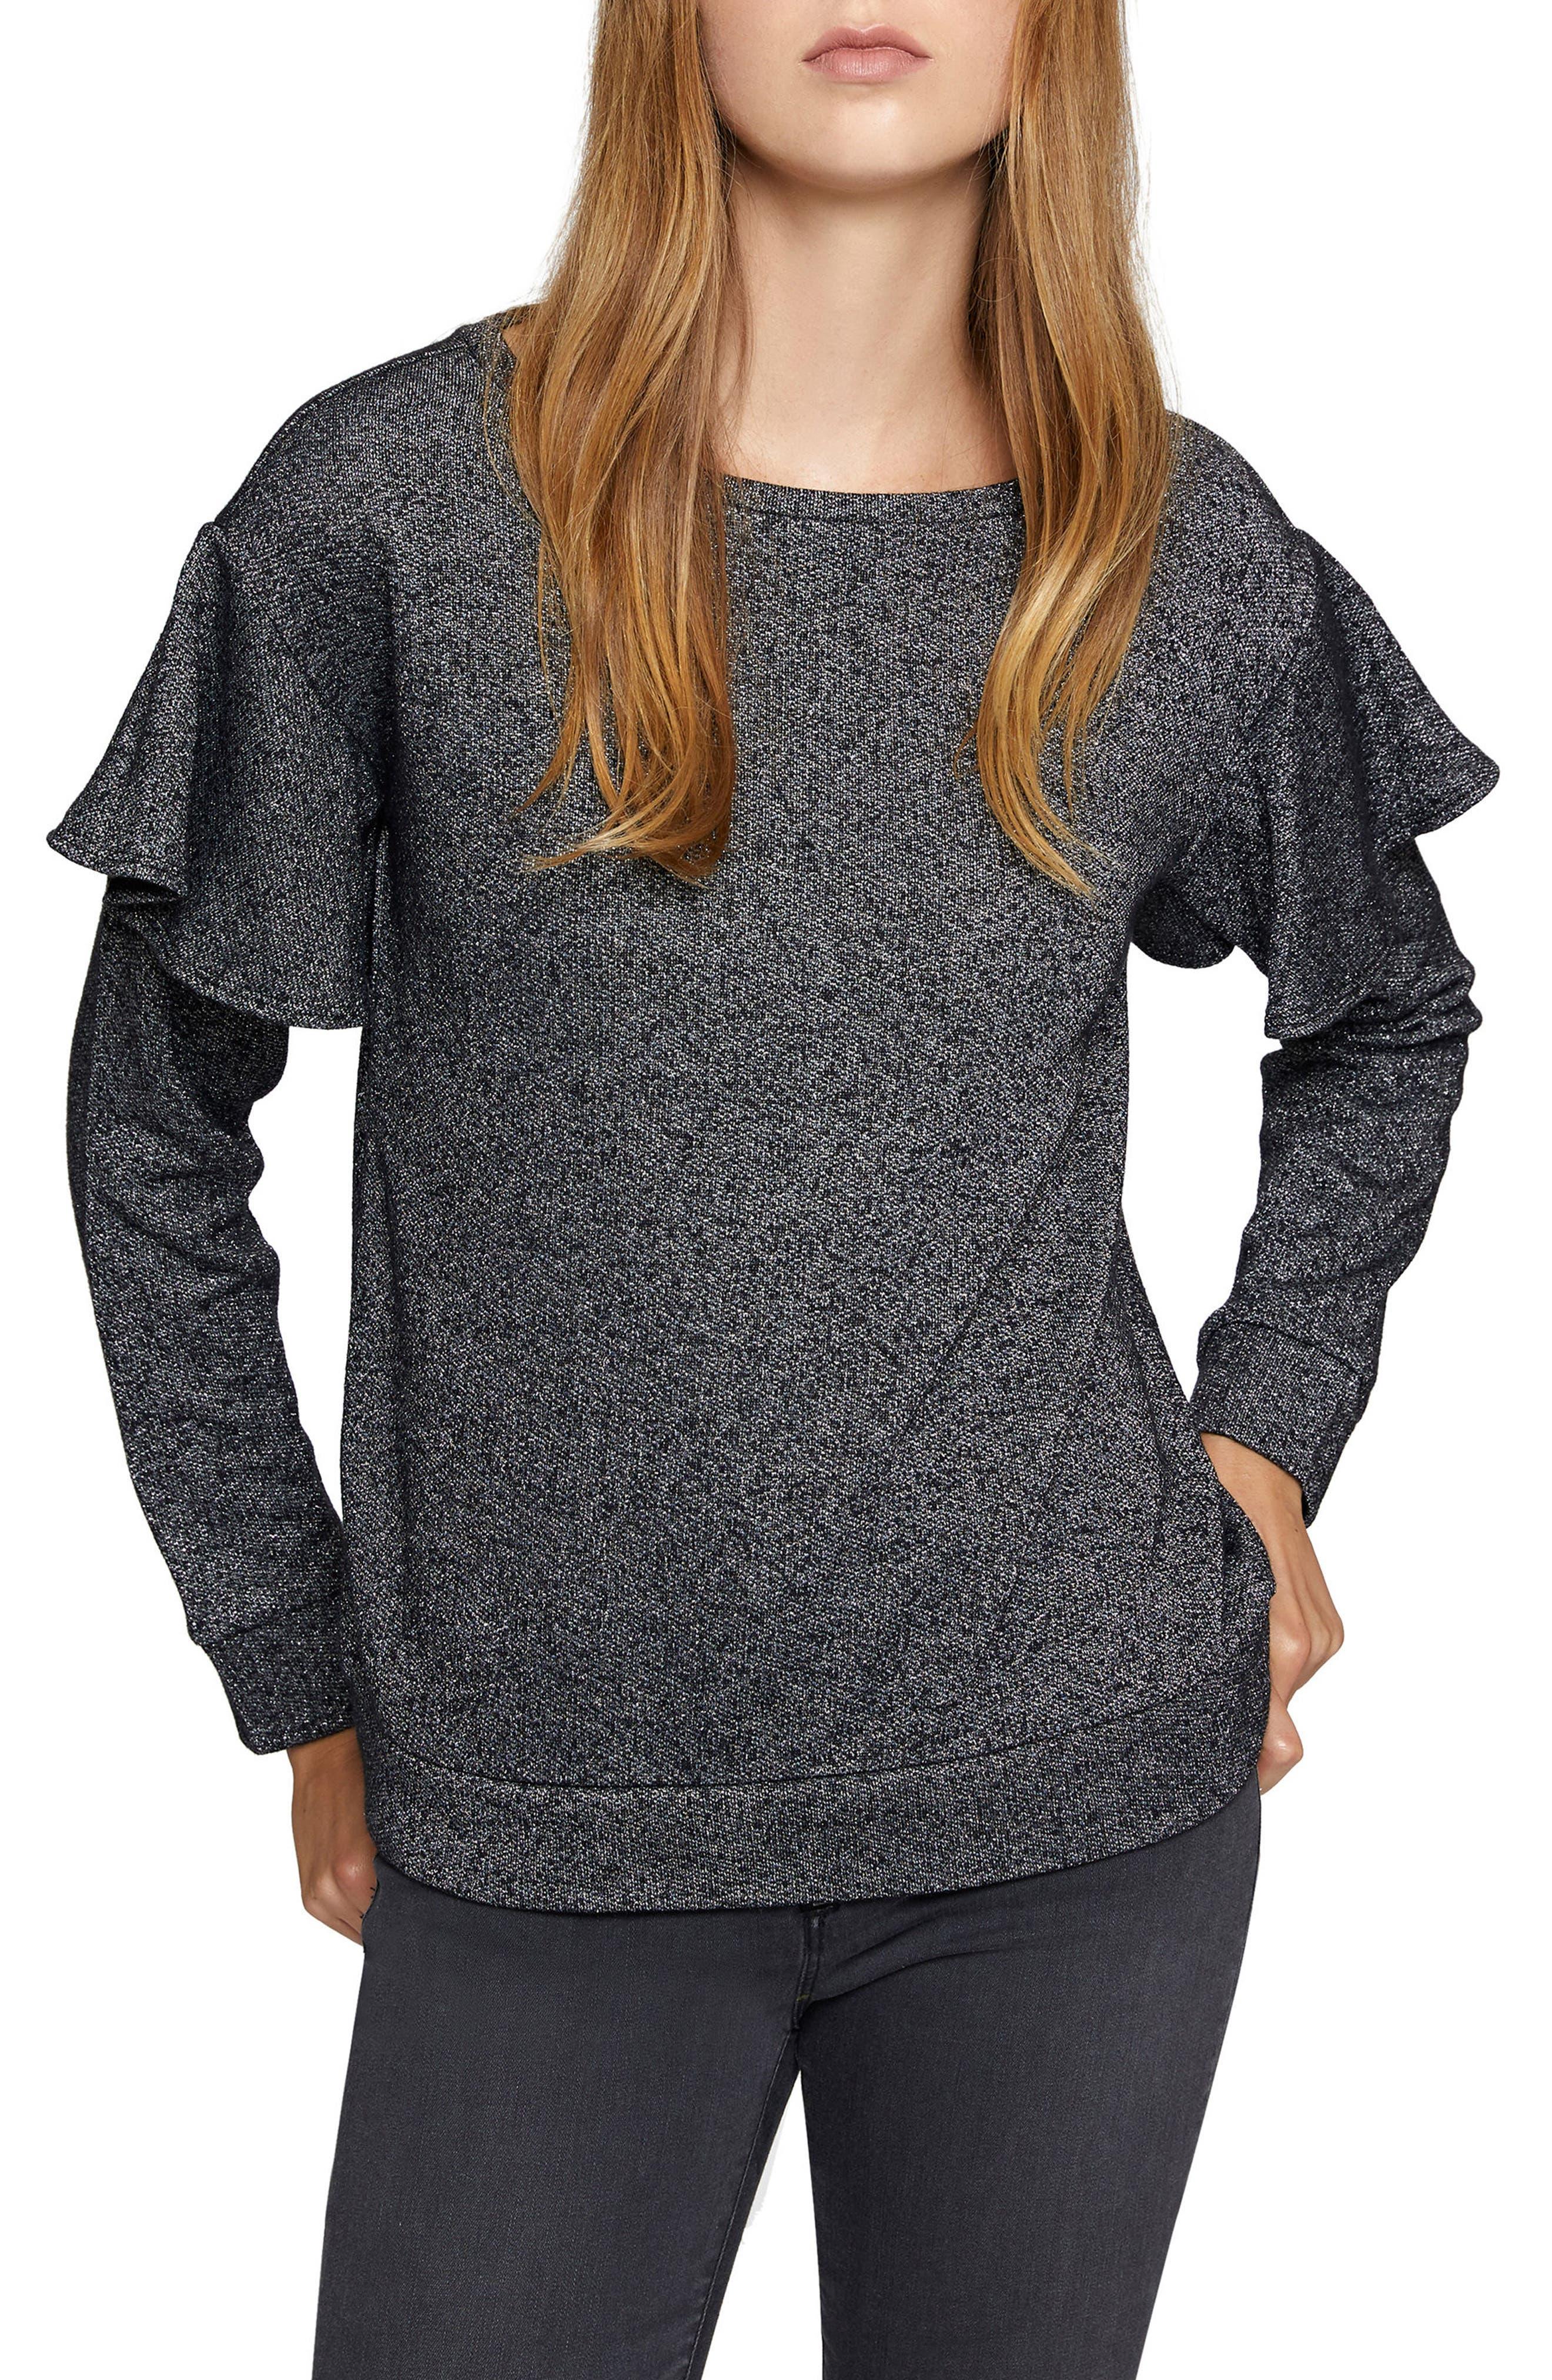 Main Image - Sanctuary Dominique Metallic Sweatshirt (Regular & Petite)